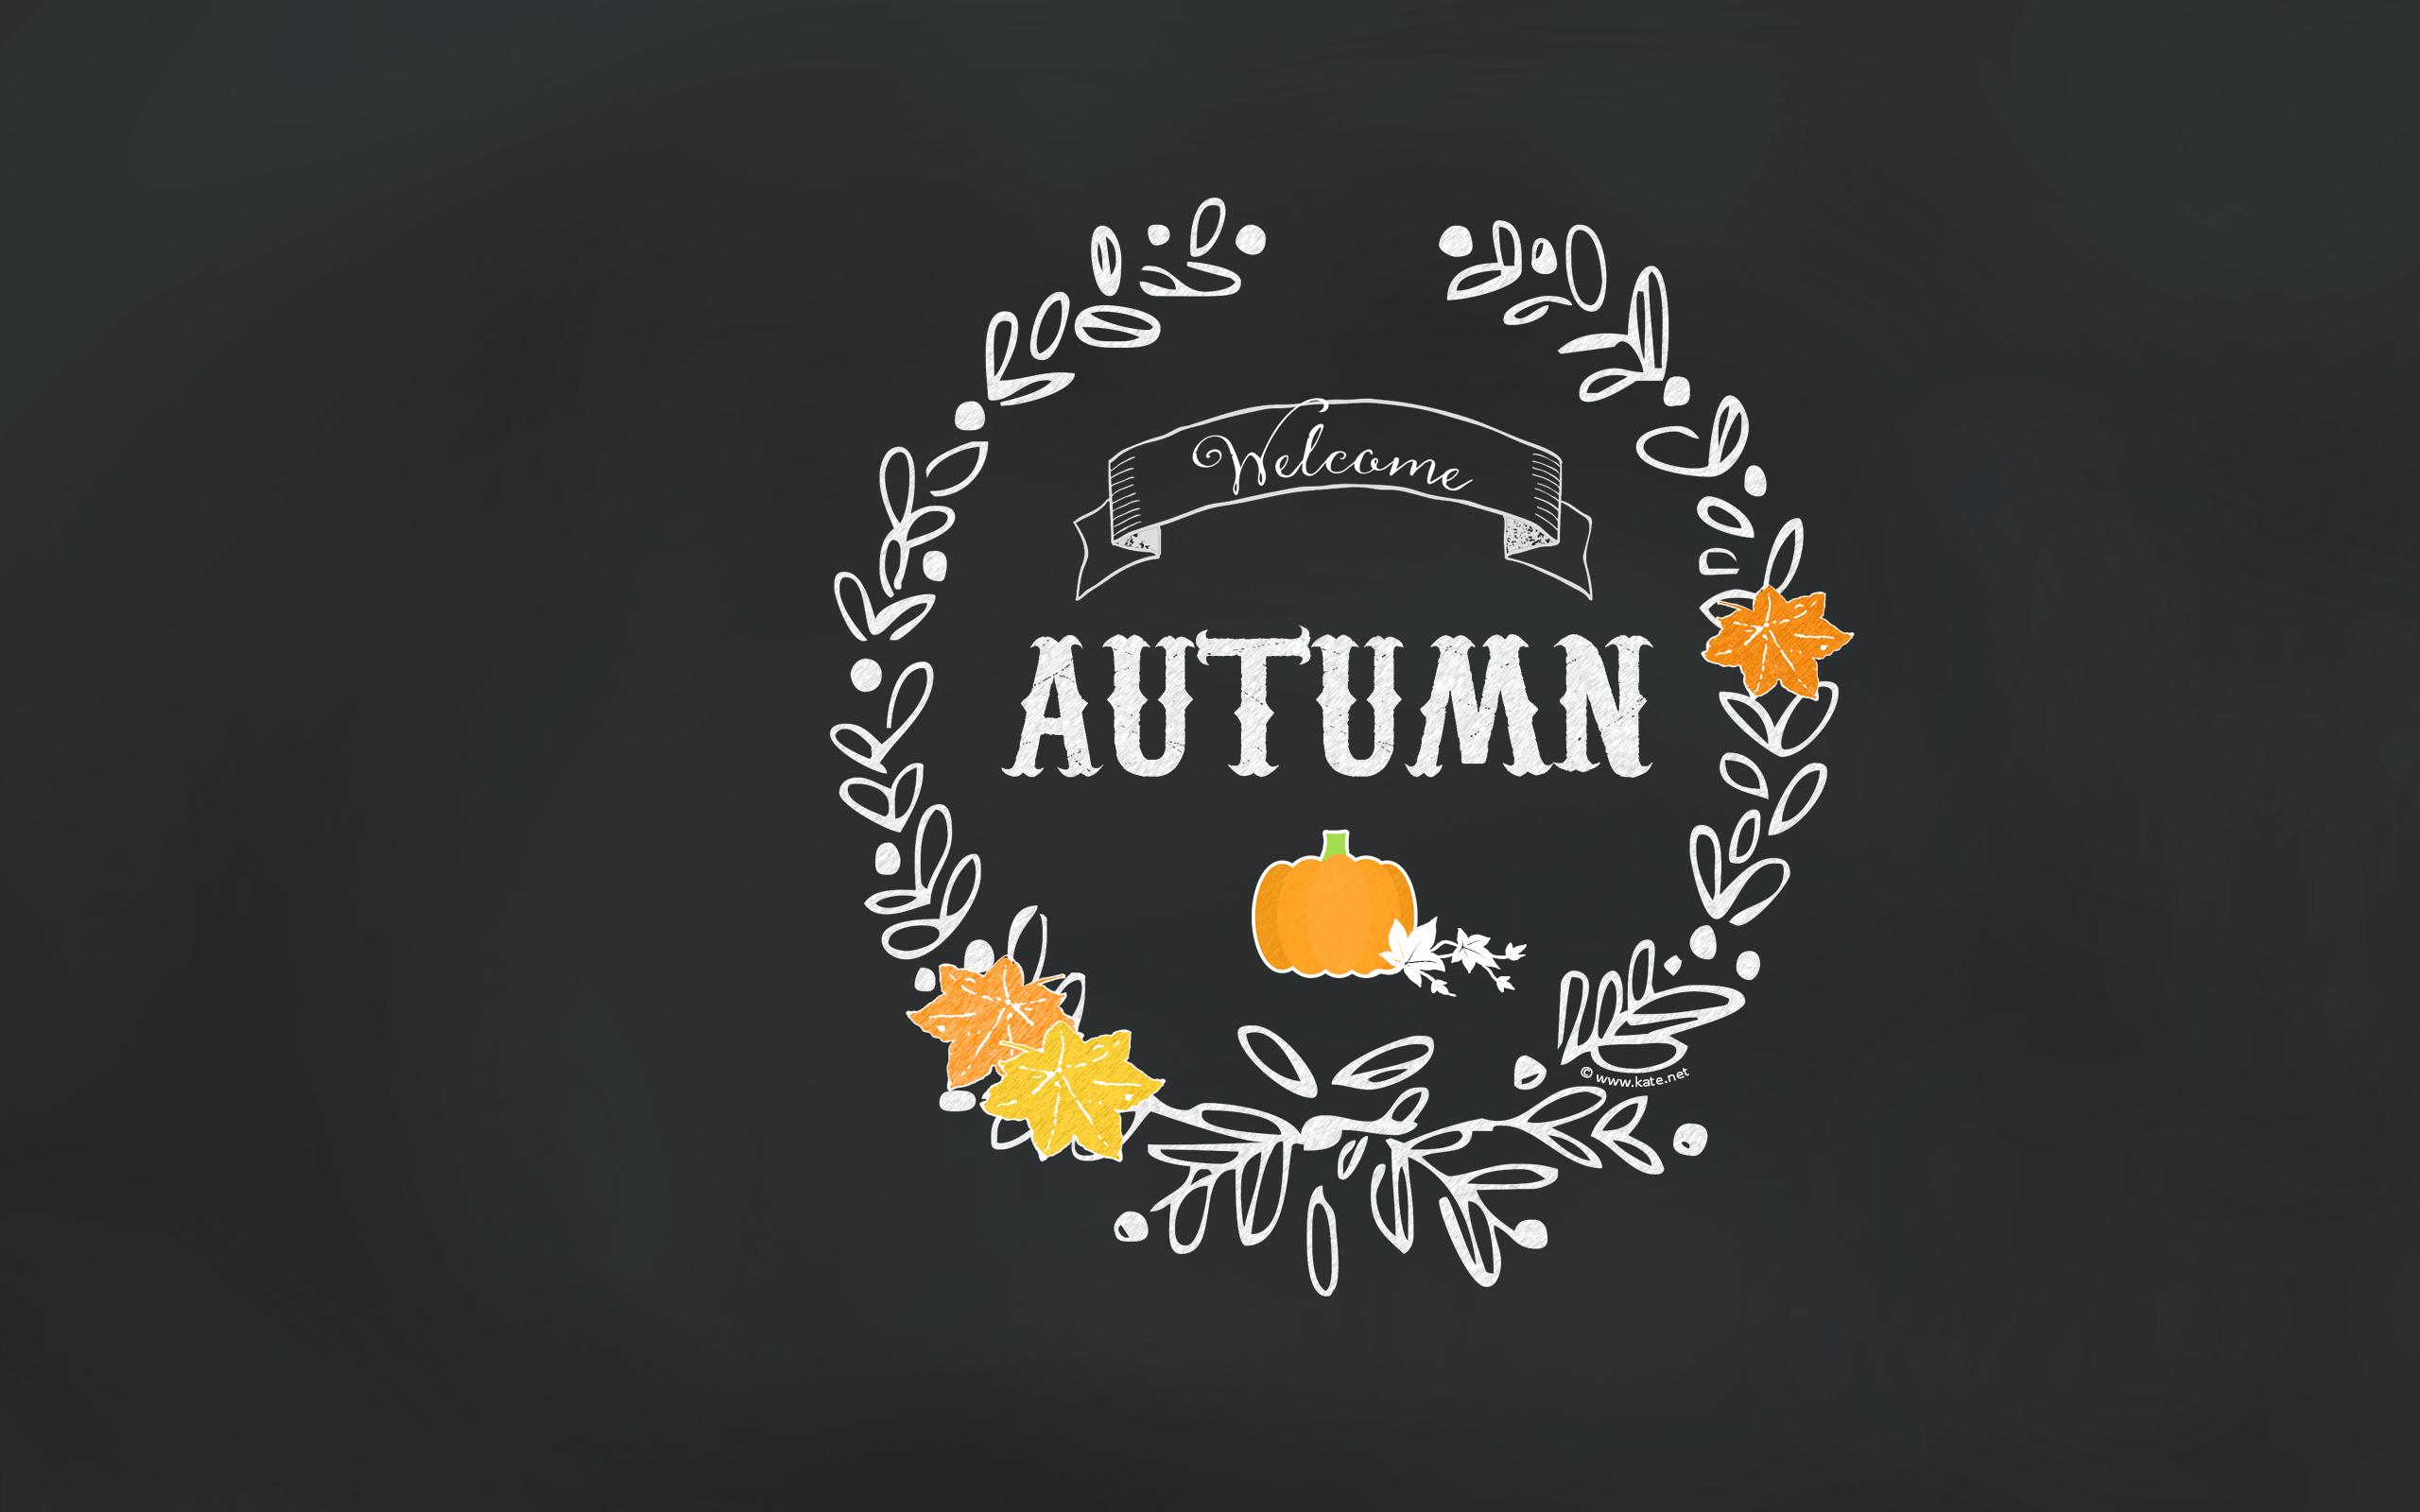 Fall Pumpkin Background Wallpaper Chalkboard Images Free Download Pixelstalk Net